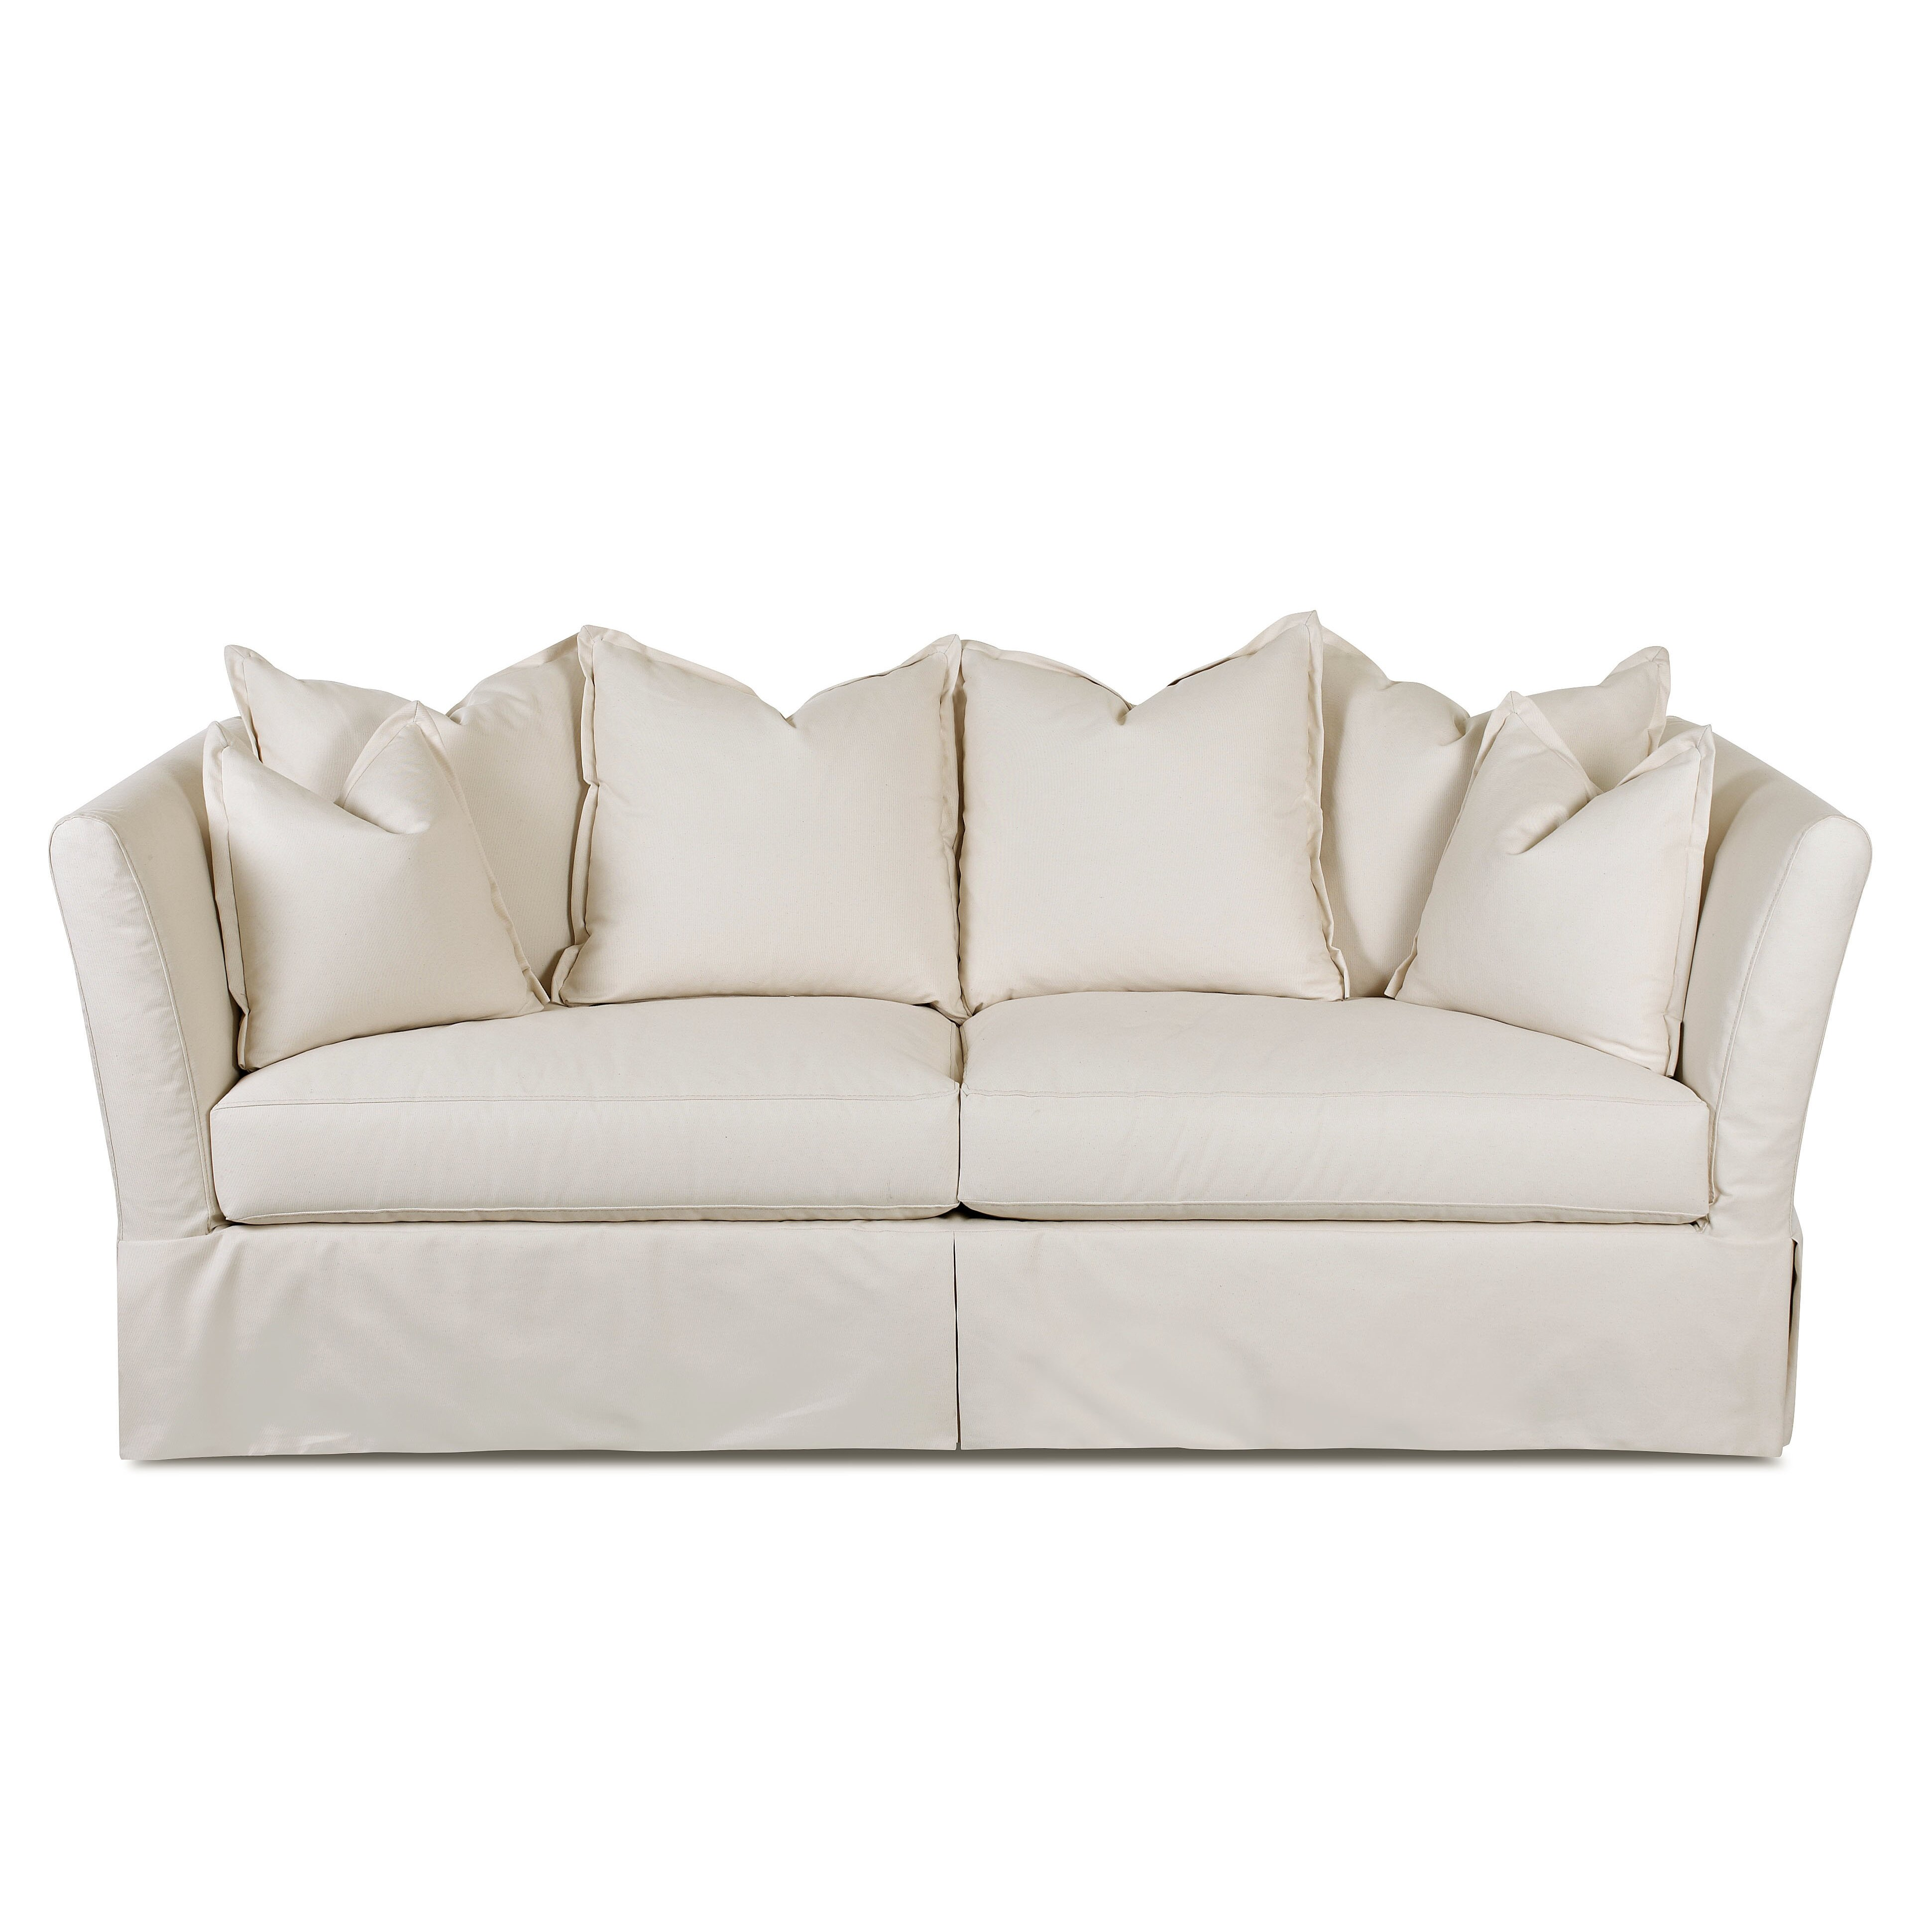 Klaussner furniture elizabeth sofa reviews wayfair for Klaussner sofa